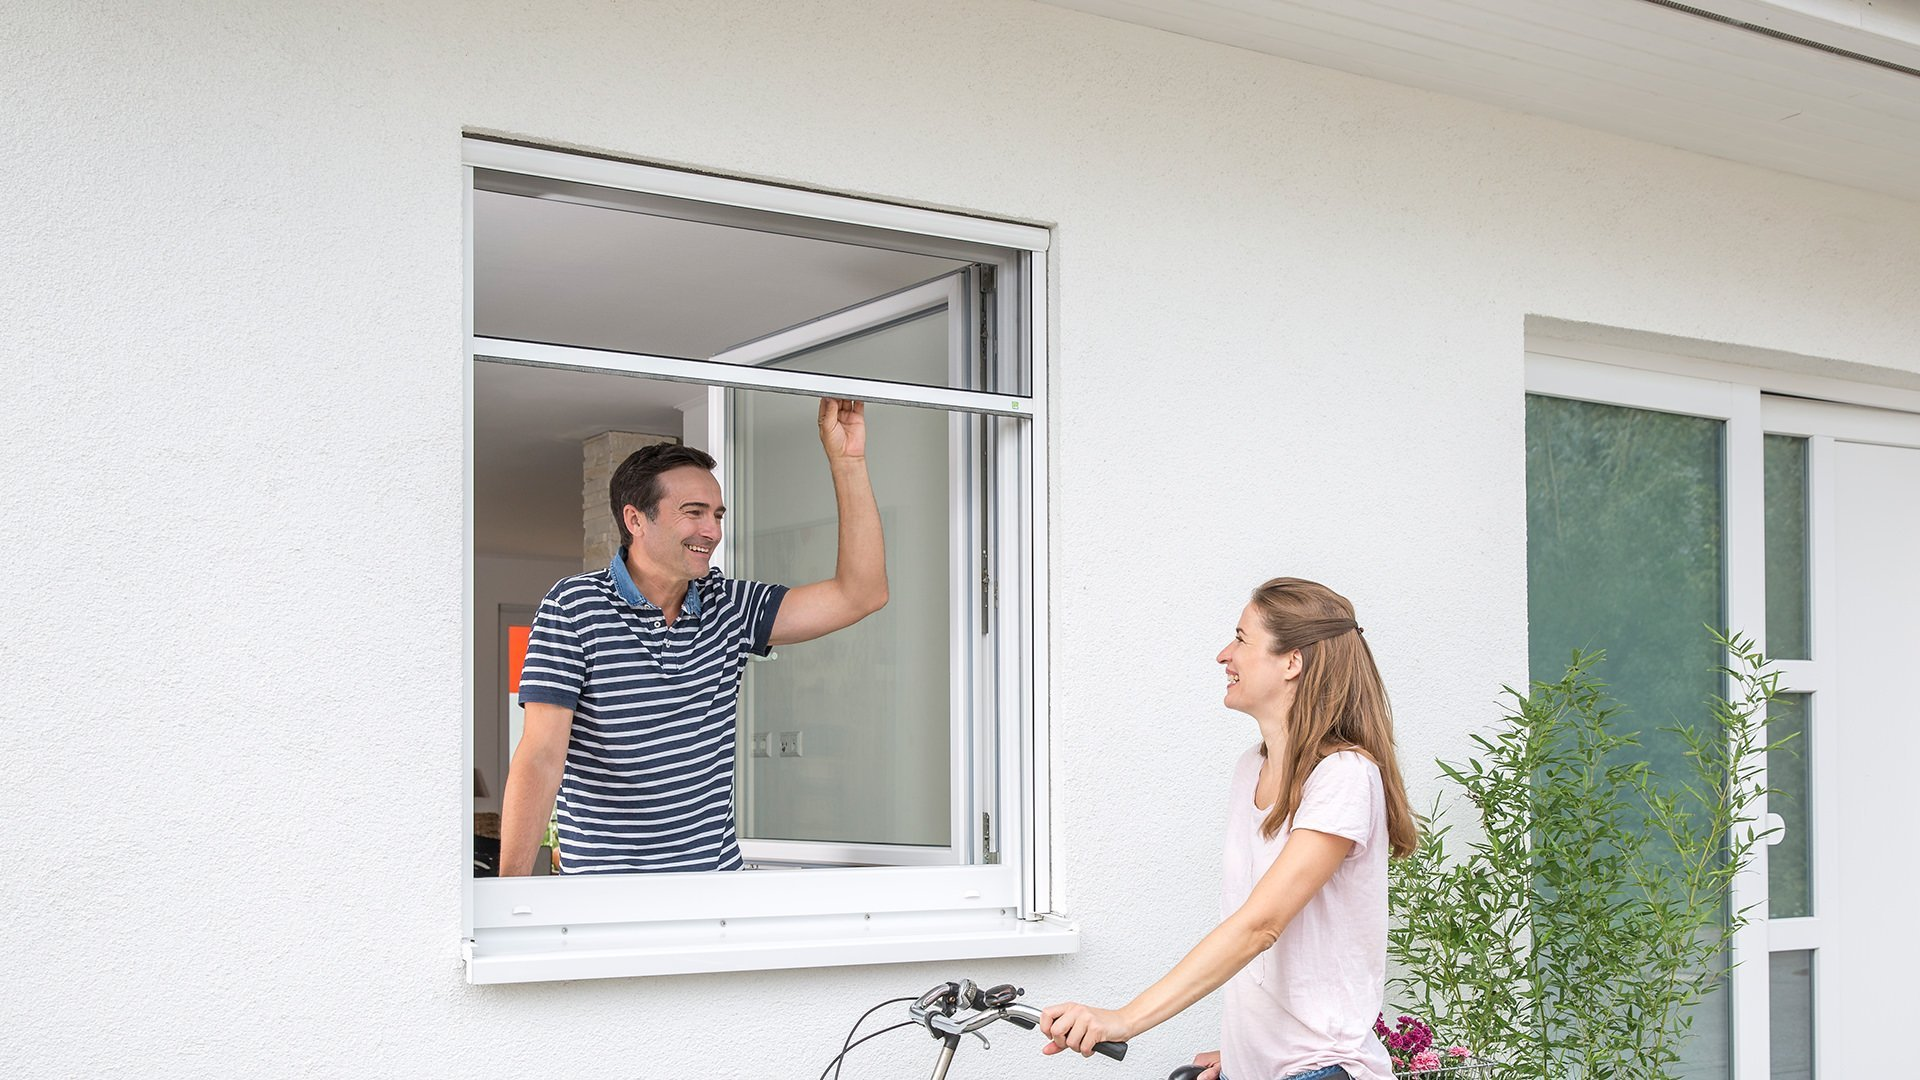 Ein Mann unterhält sich aus einem Fenster mit Fliegengitter-Rollo mit einer Frau